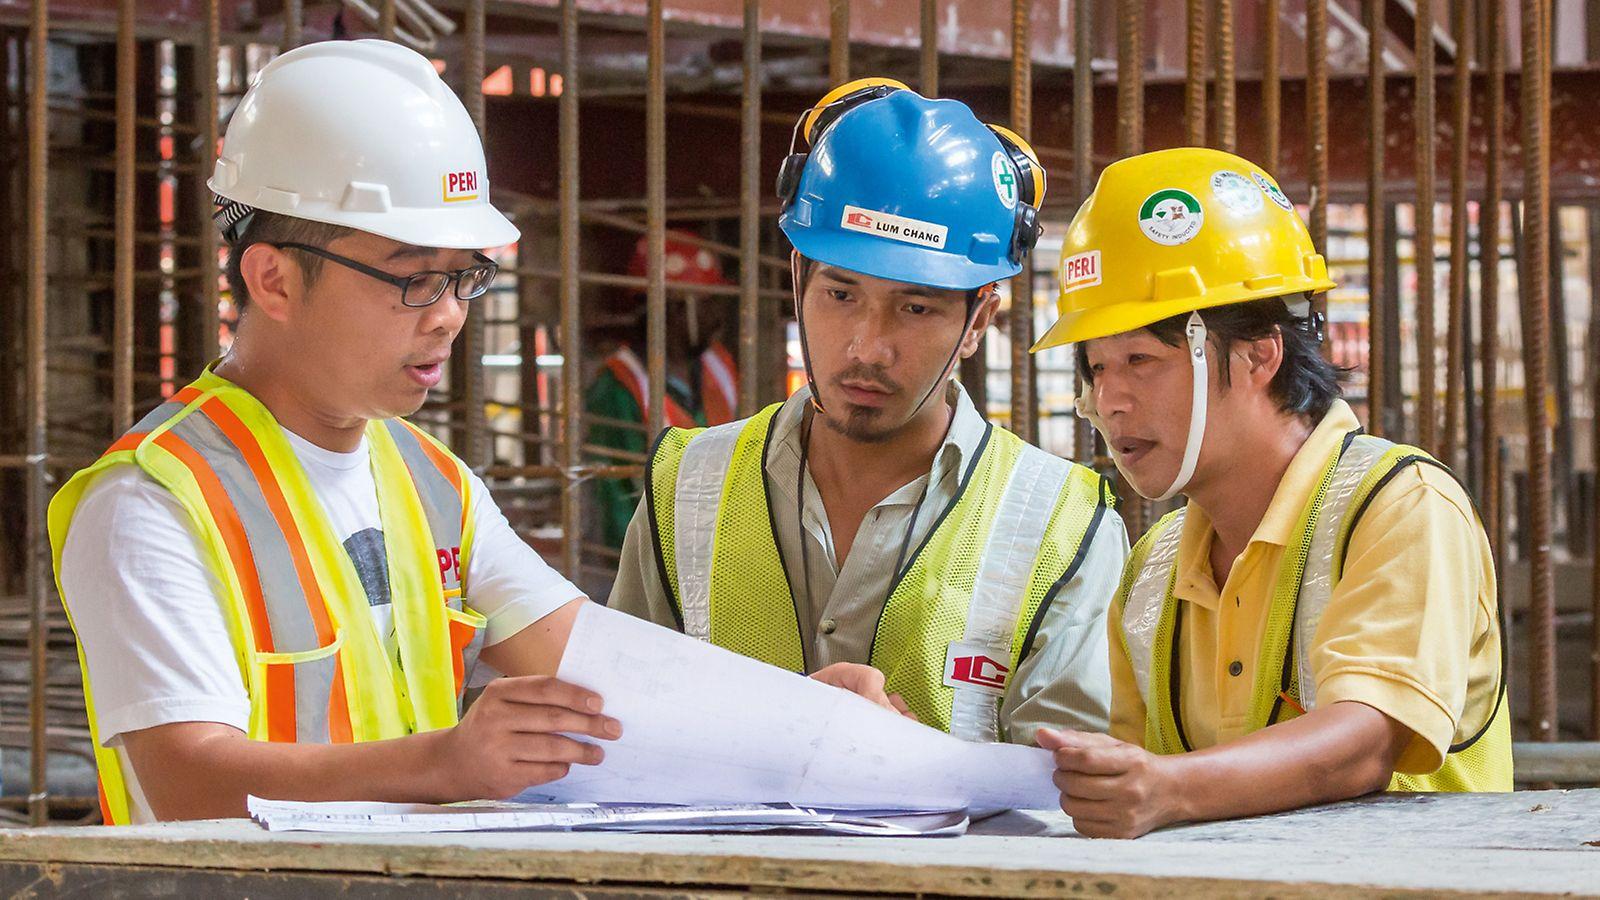 Unsere Richtmeister sorgen bei Bedarf dafür, dass die PERI Lösungen auf der Baustelle effizient eingesetzt werden.